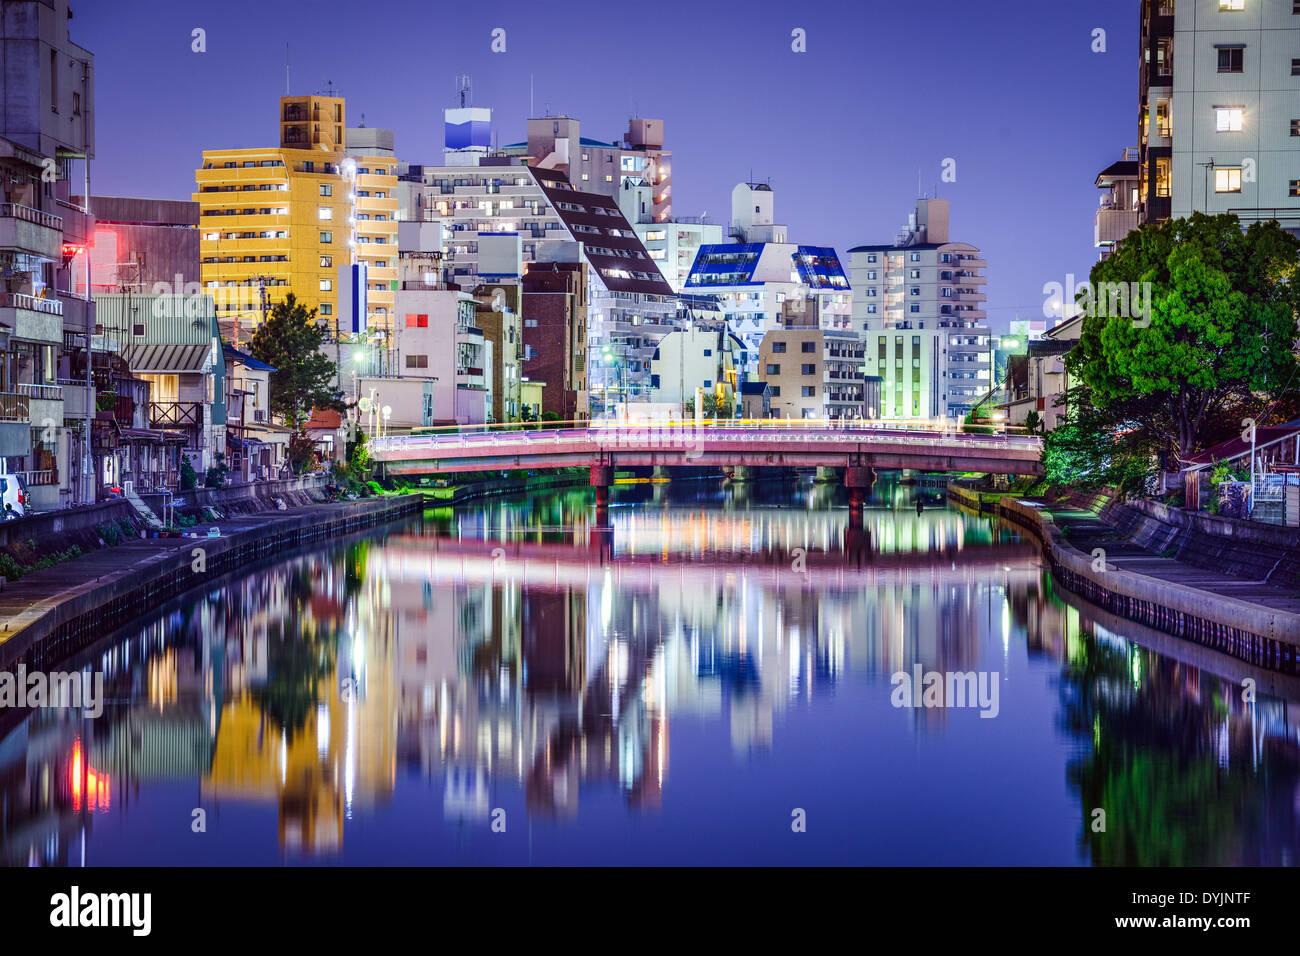 Wakayama City, Wakayama Prefecture, Japan. - Stock Image